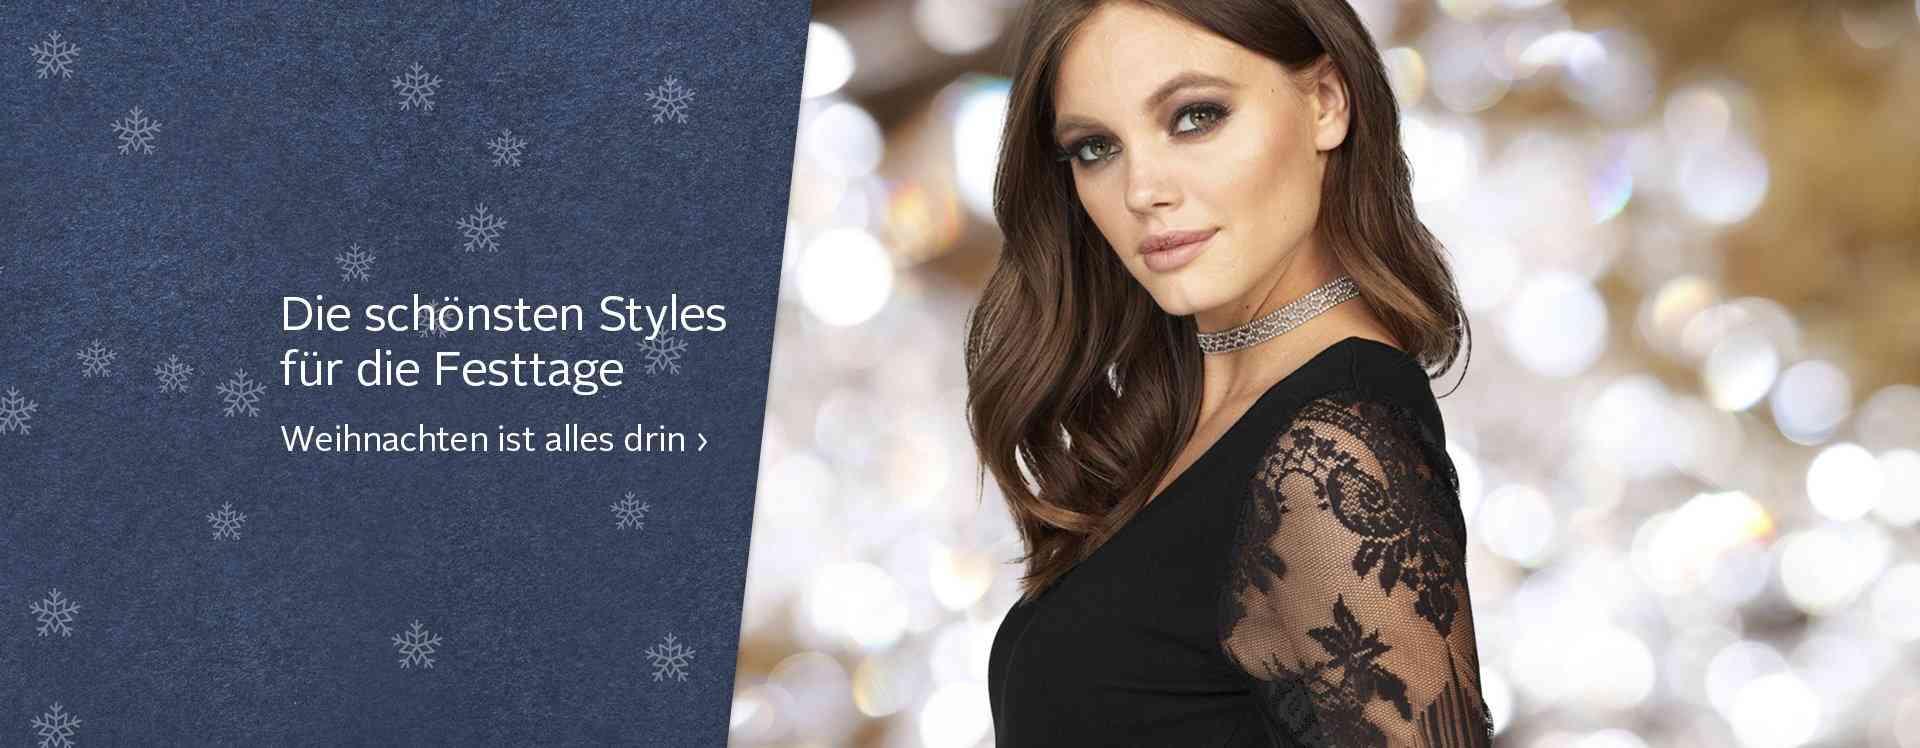 Entdecken Sie jetzt elegante Damen-Festtagsmode. Hier finden Sie edle Kleidung, Schuhe und Accessoires für eine gelungene Feier...